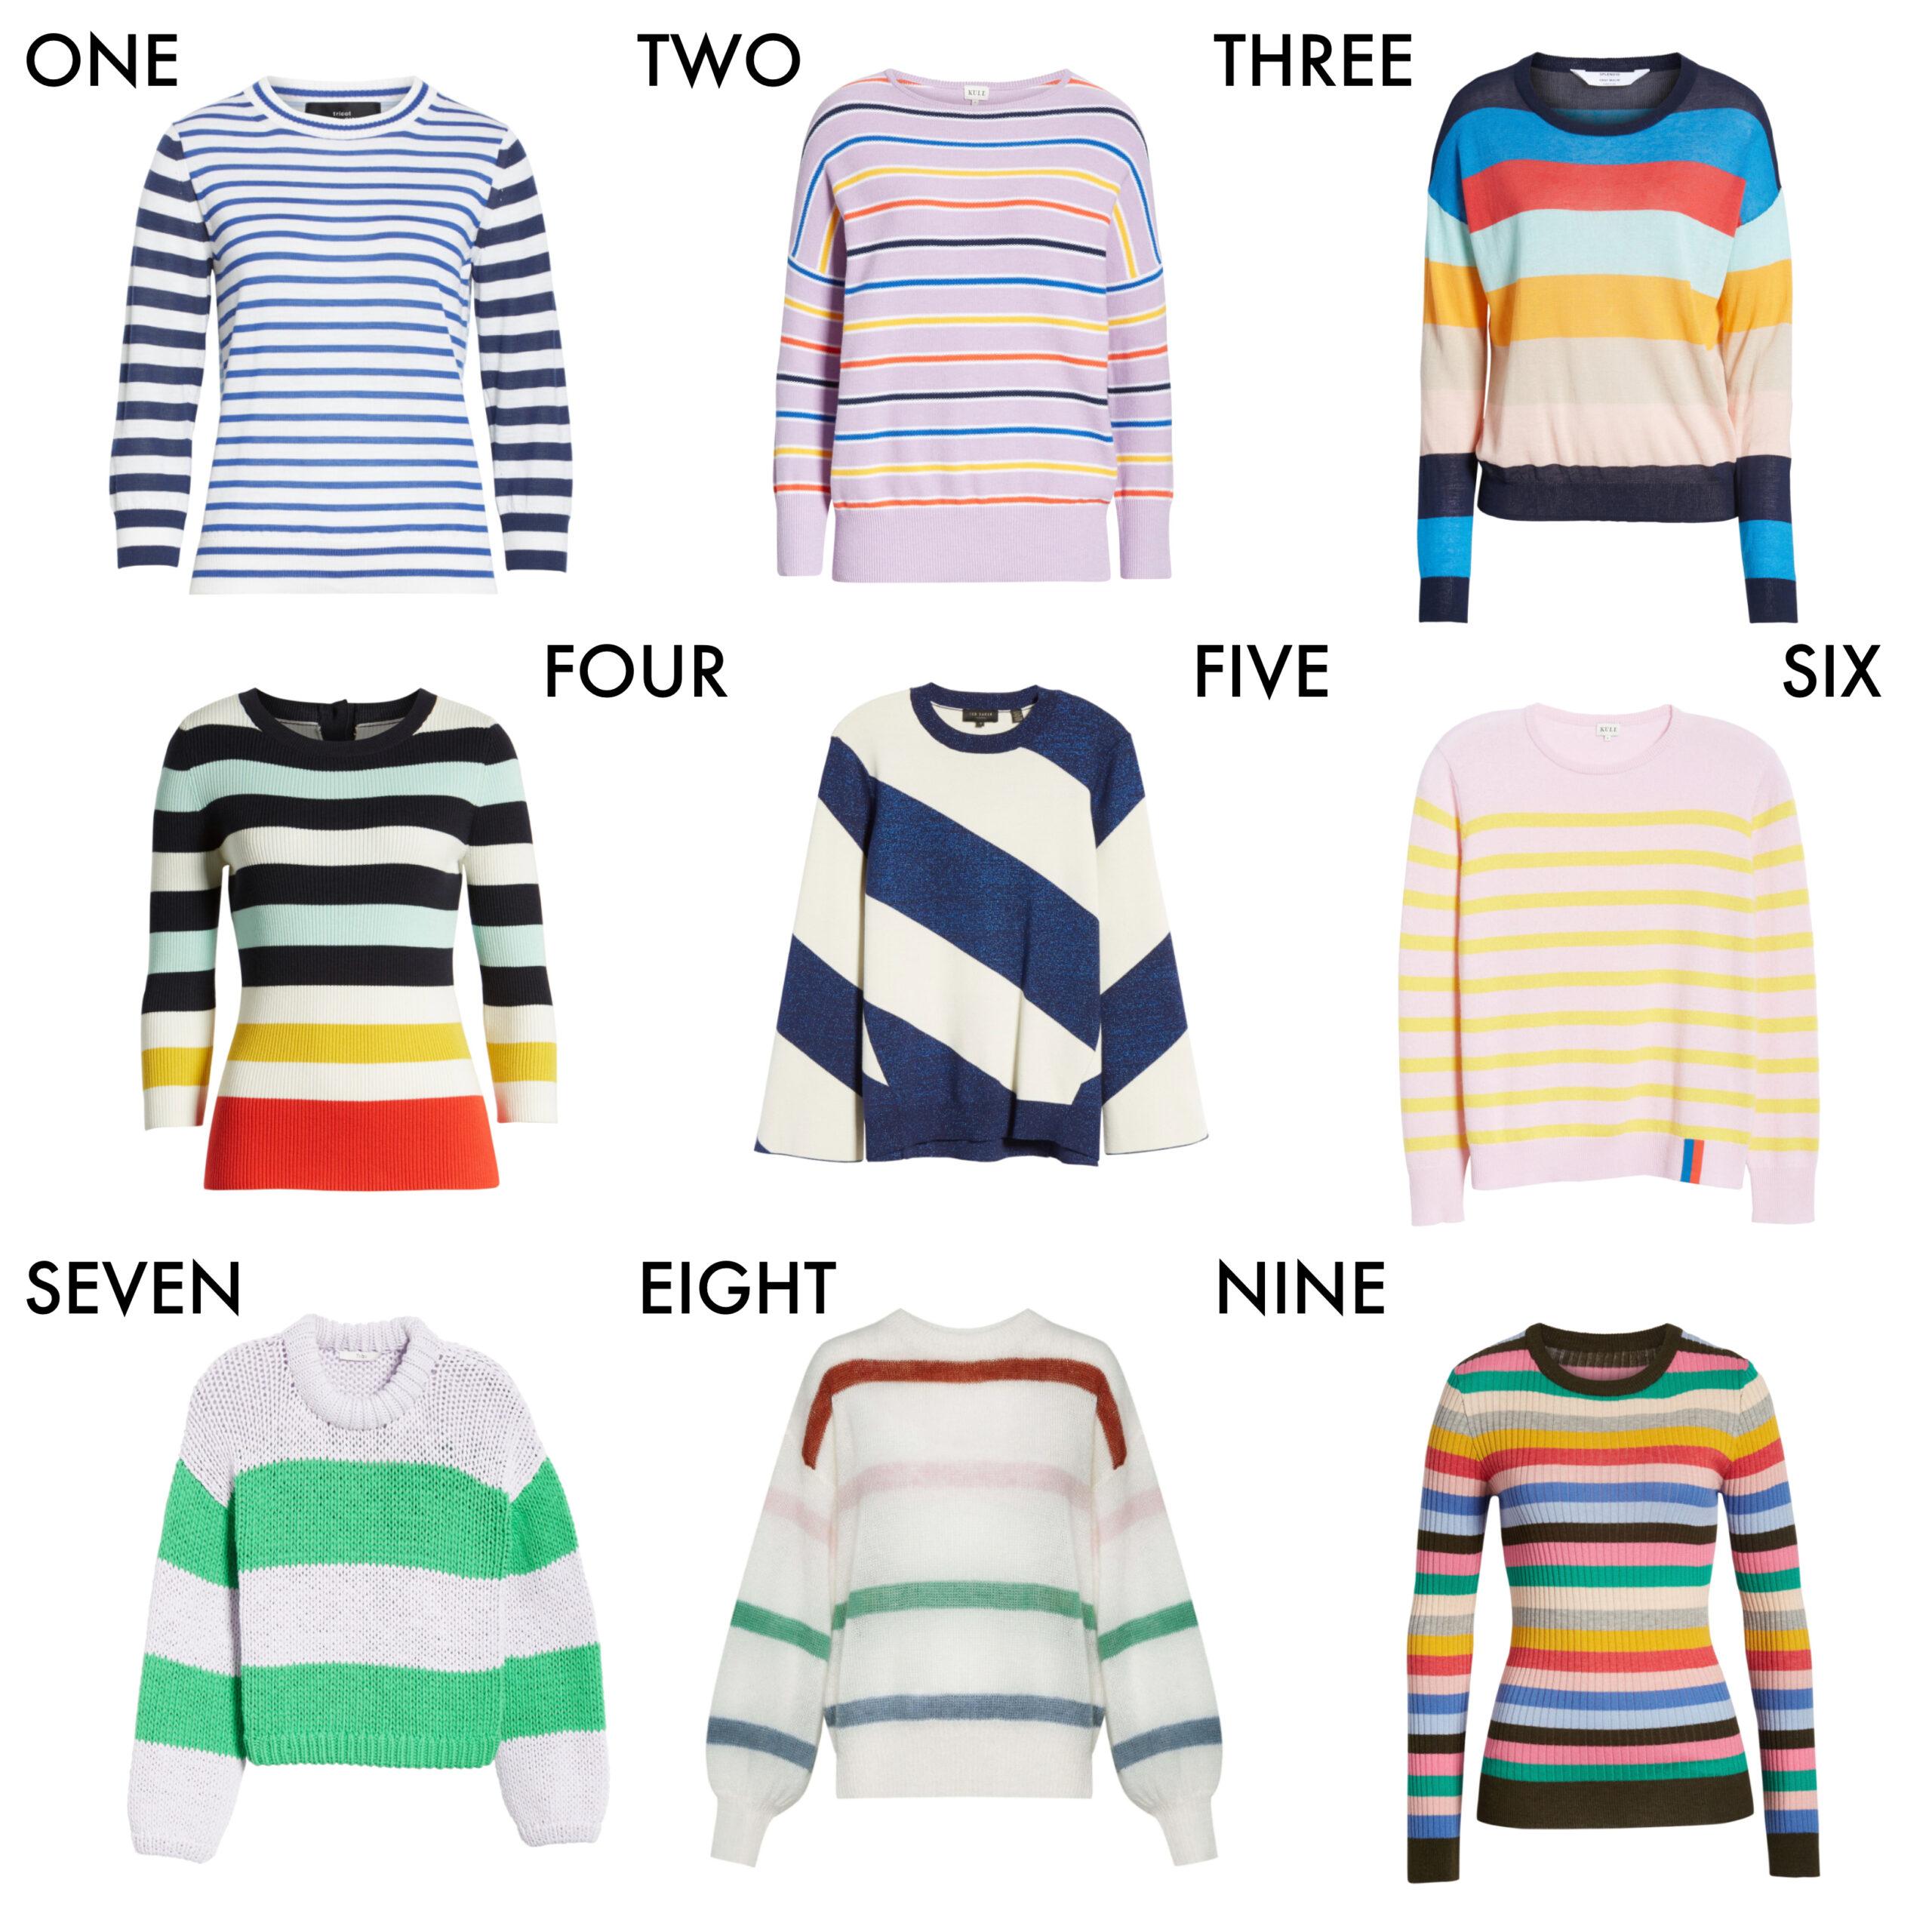 striped sweaters atlantic-pacific blair eadie